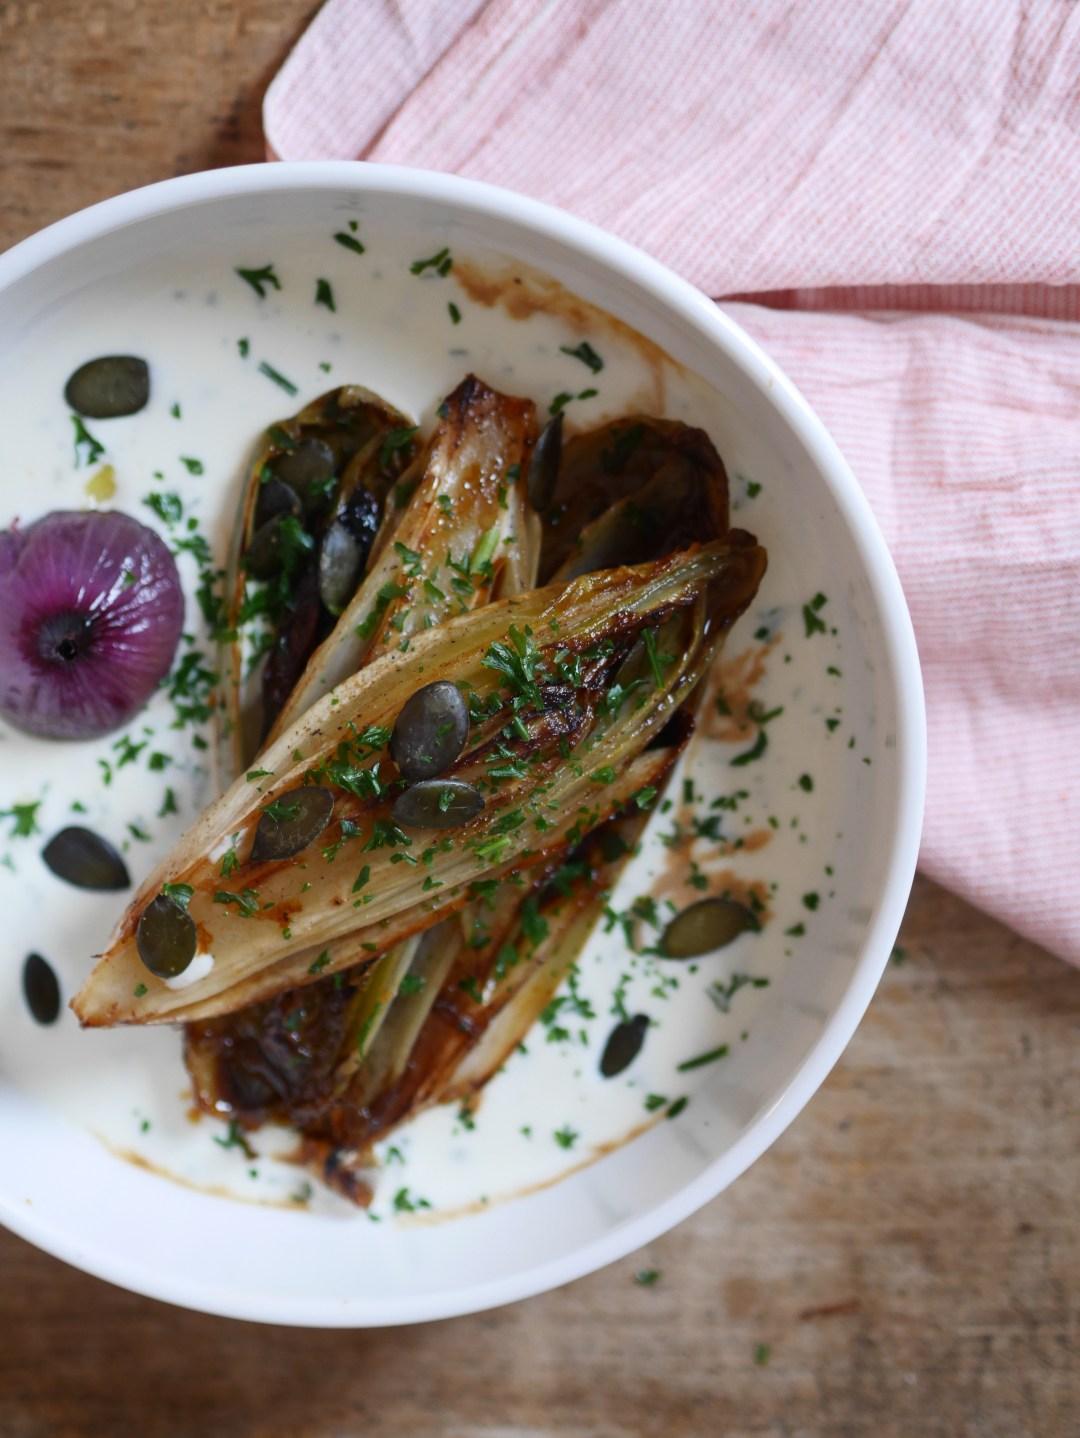 recette-rapide-endives-braisées-crème-chèvre-frais-food-blog-strasbourg-1